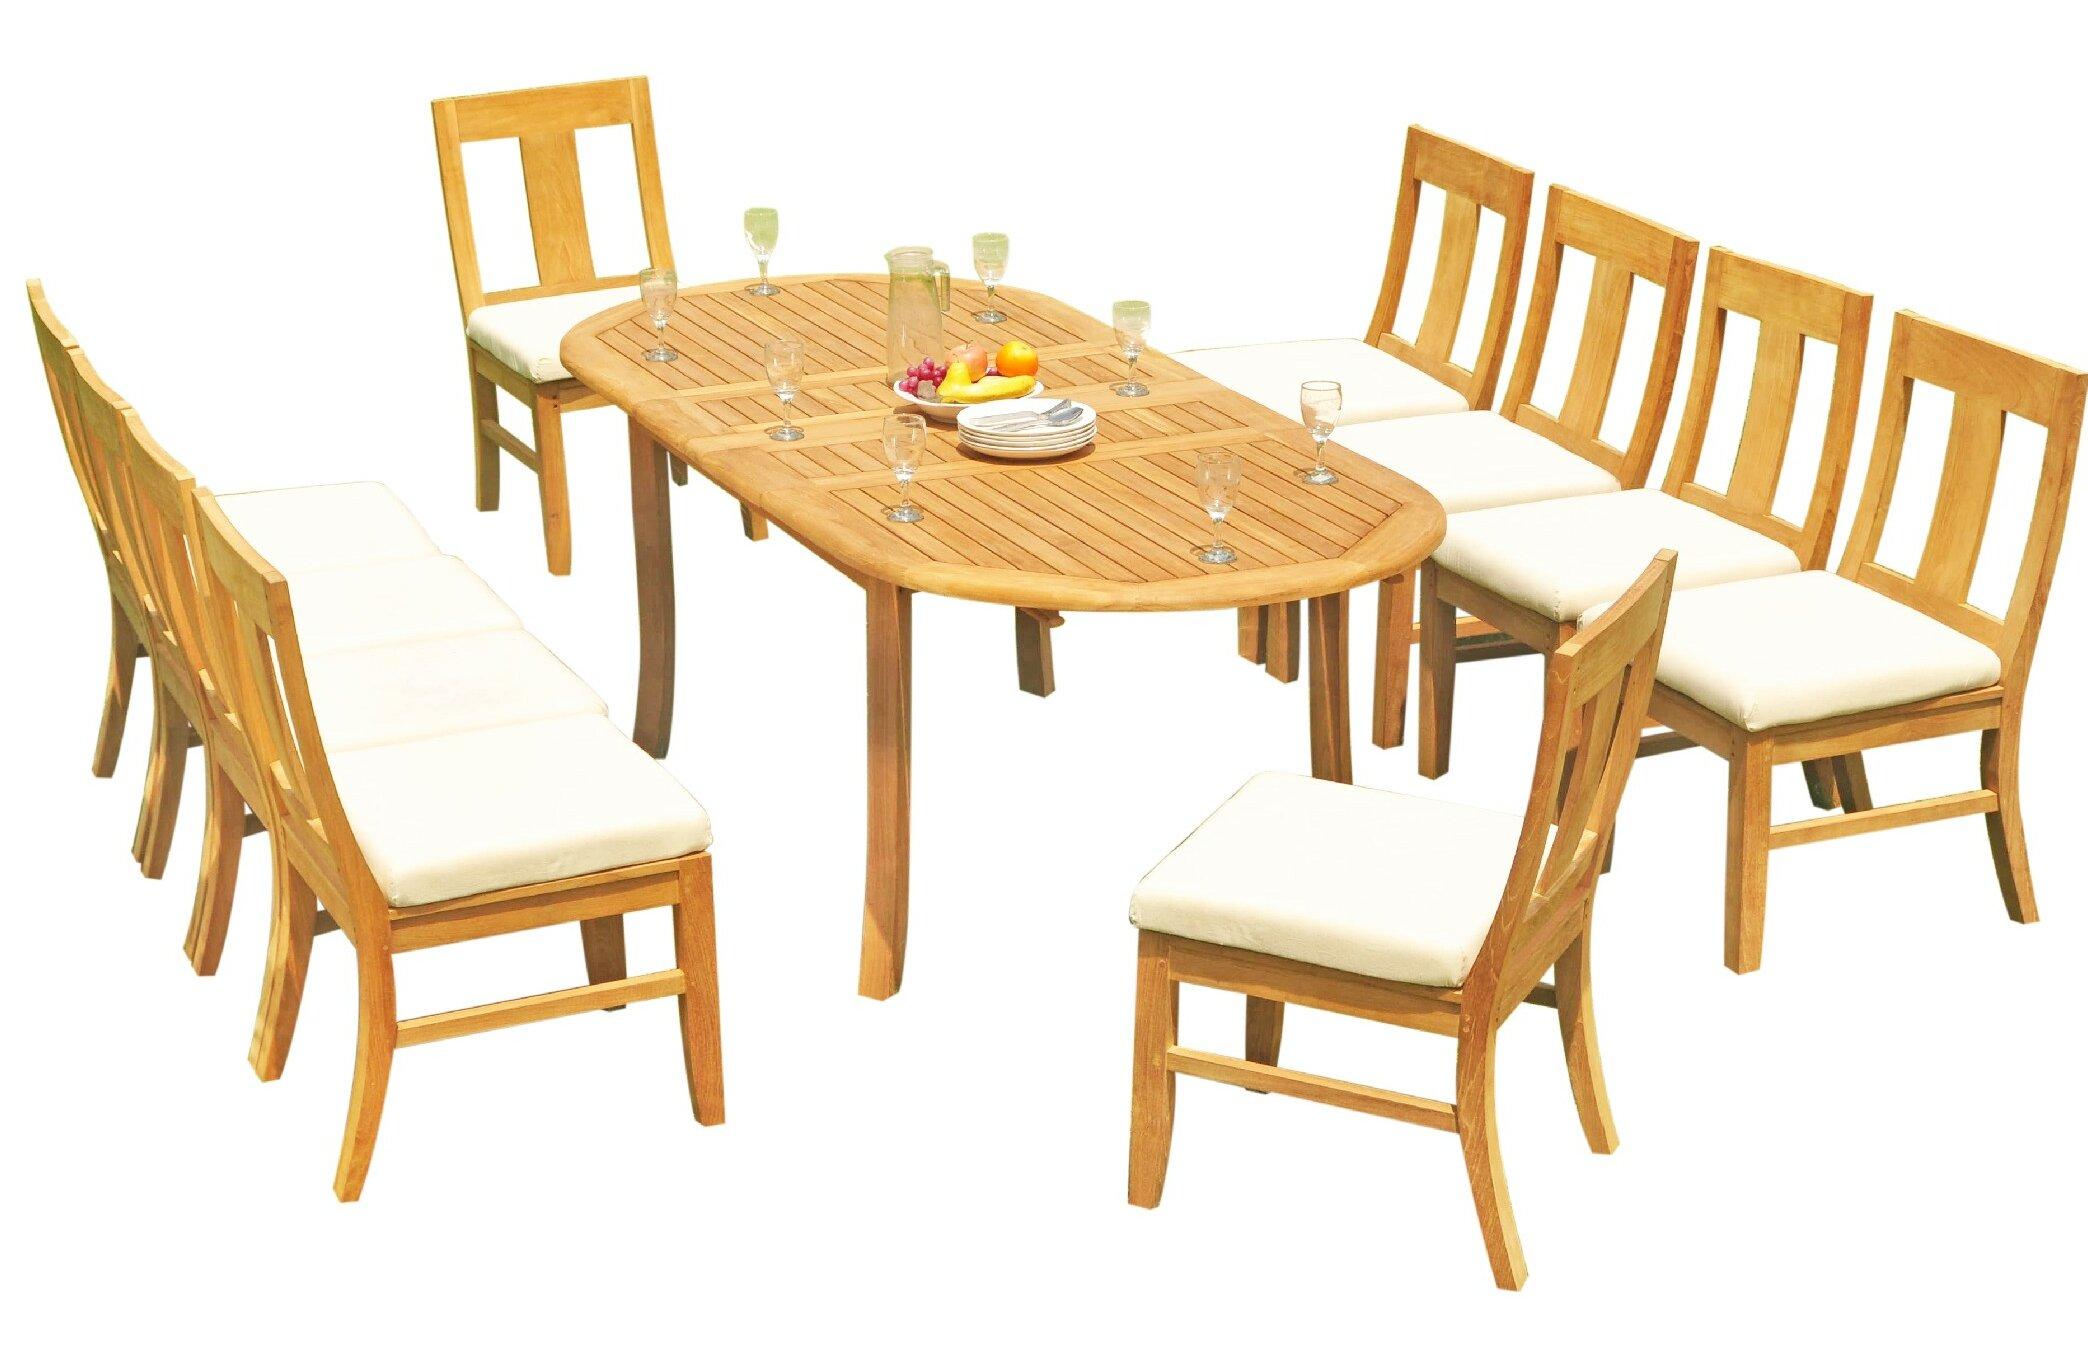 Rosecliff Heights Kevon 11 Piece Teak Dining Set